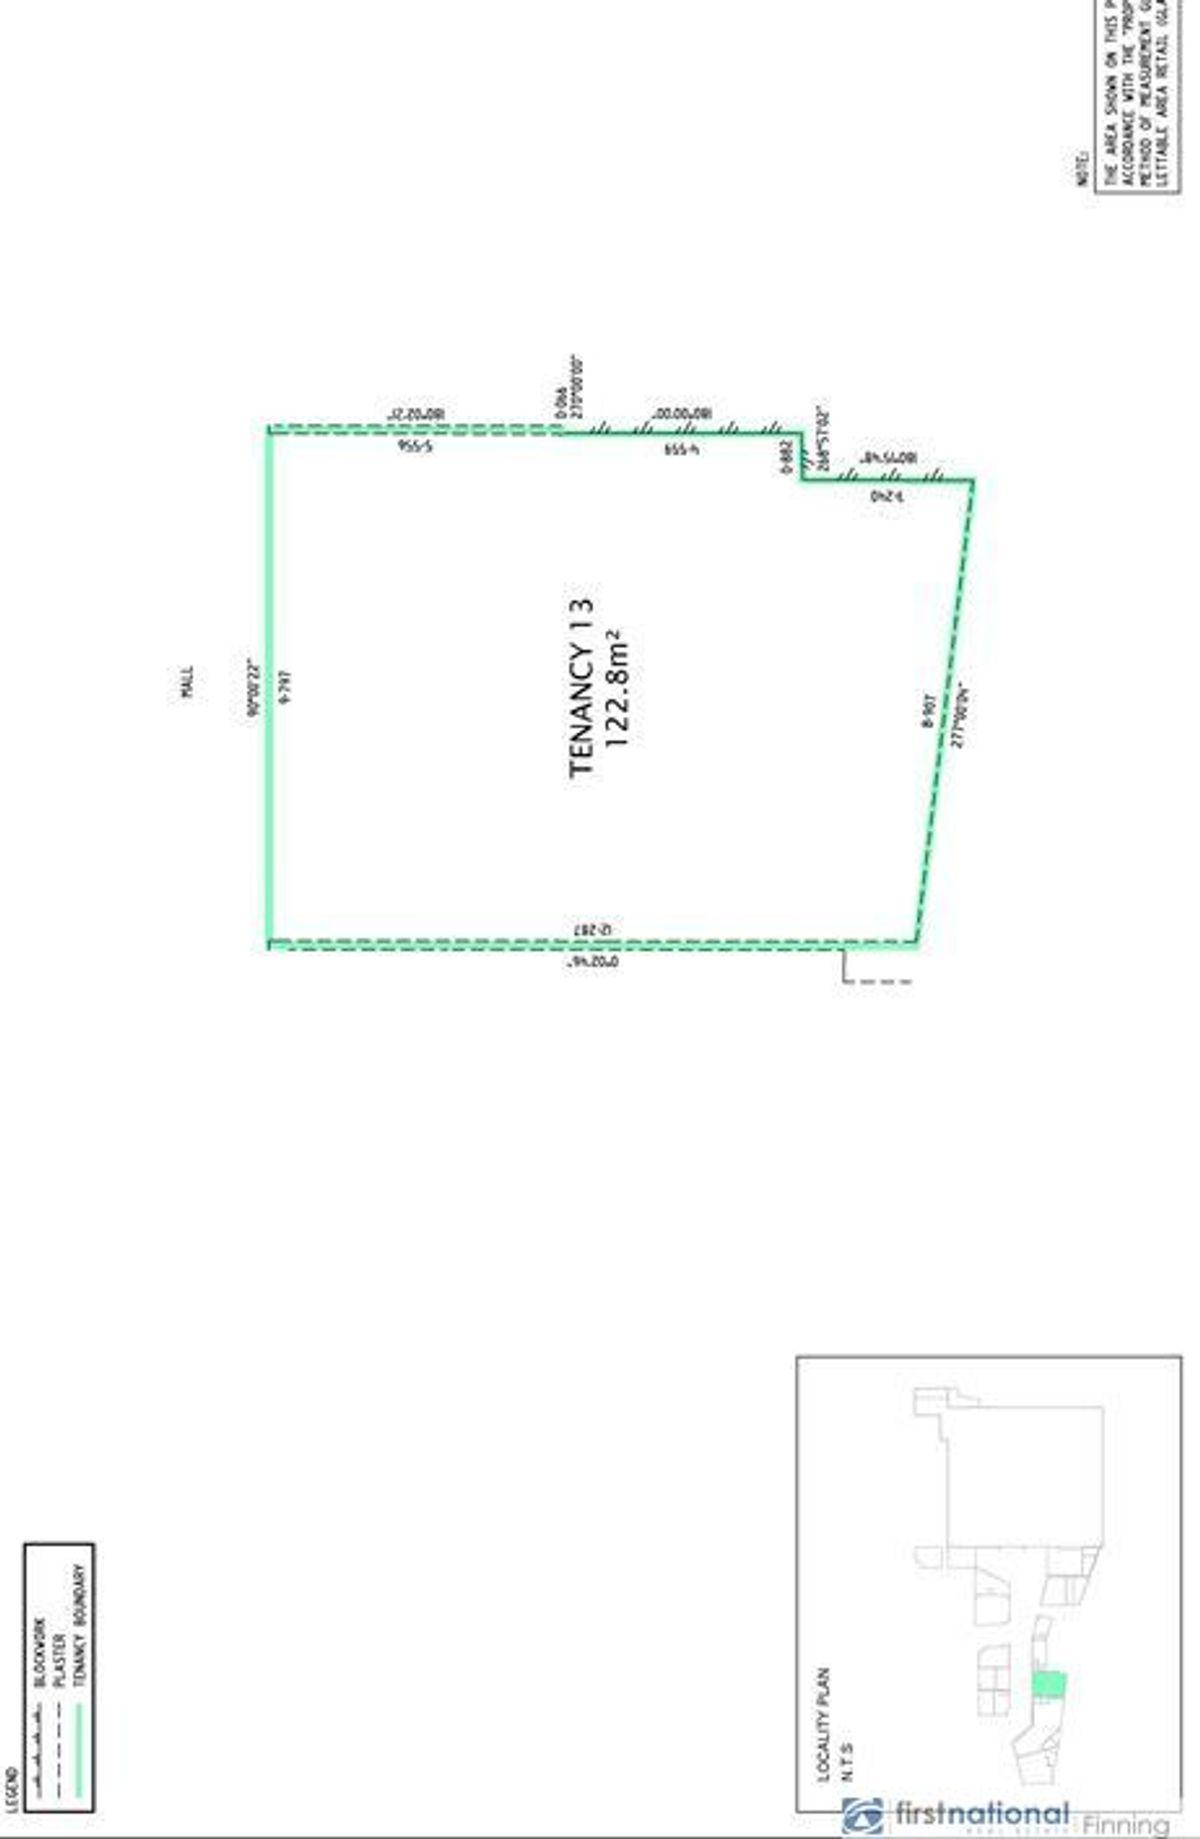 T13/280 Berwick-Cranbourne Road, Clyde, VIC 3978